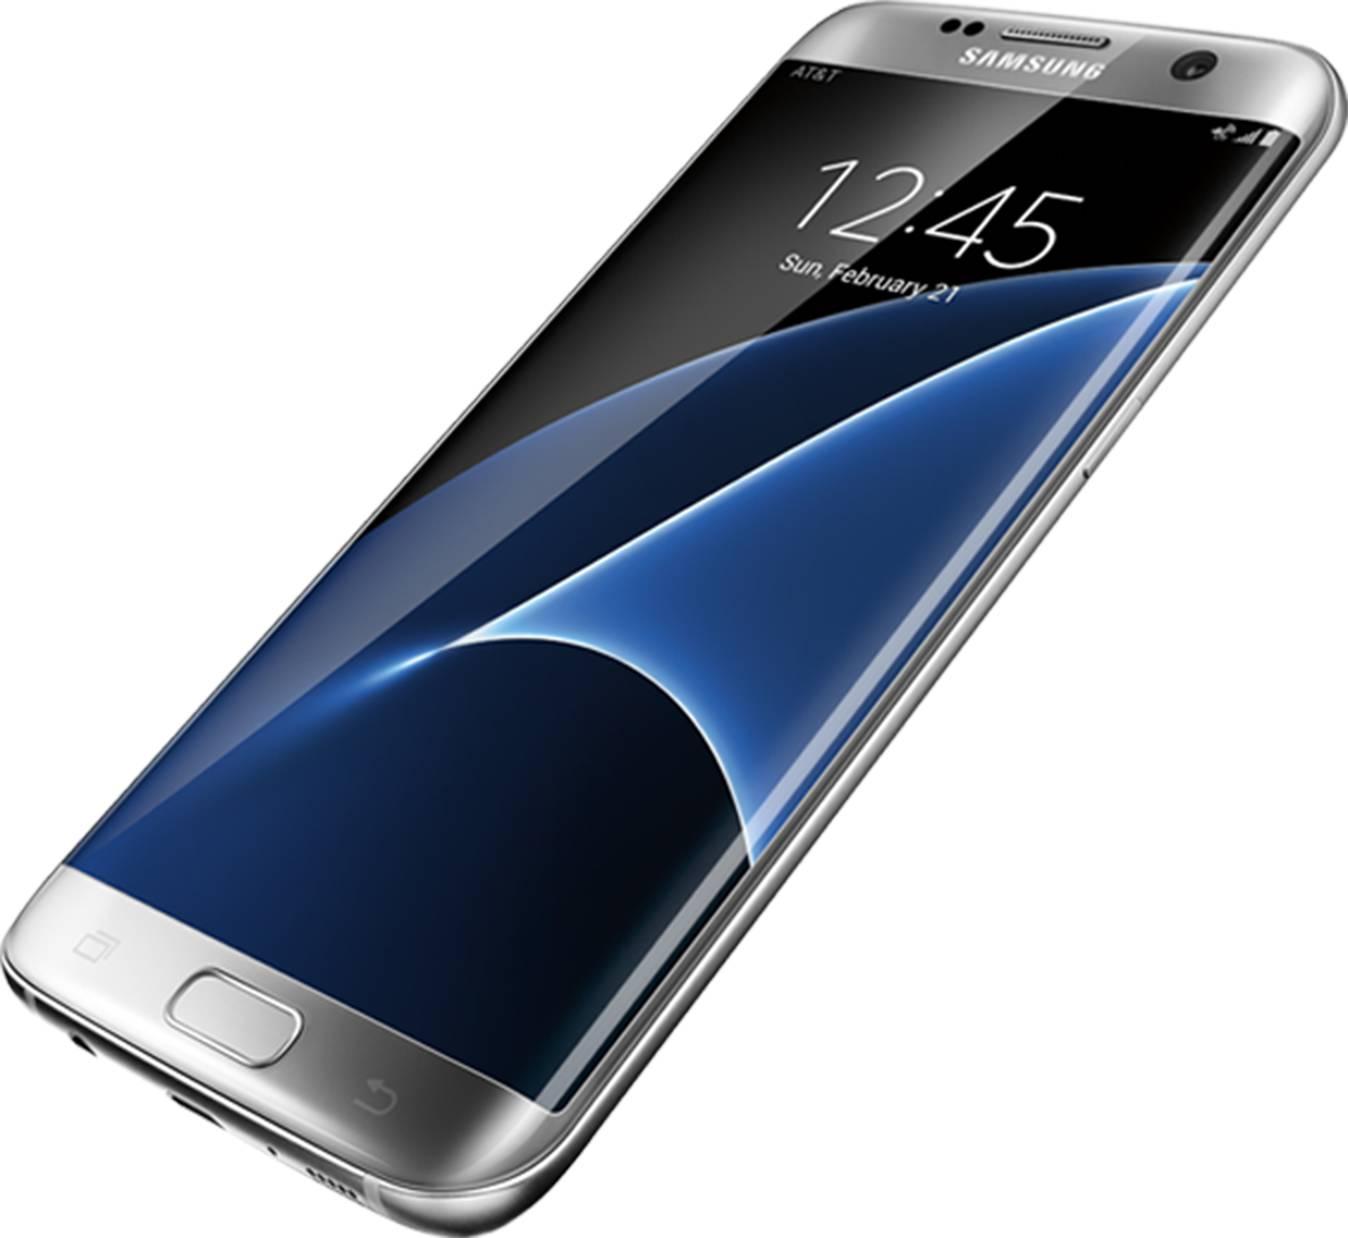 Bạn nên sửa chữa điện thoại Samsung Galaxy S7e ở đâu khi có nhu cầu?